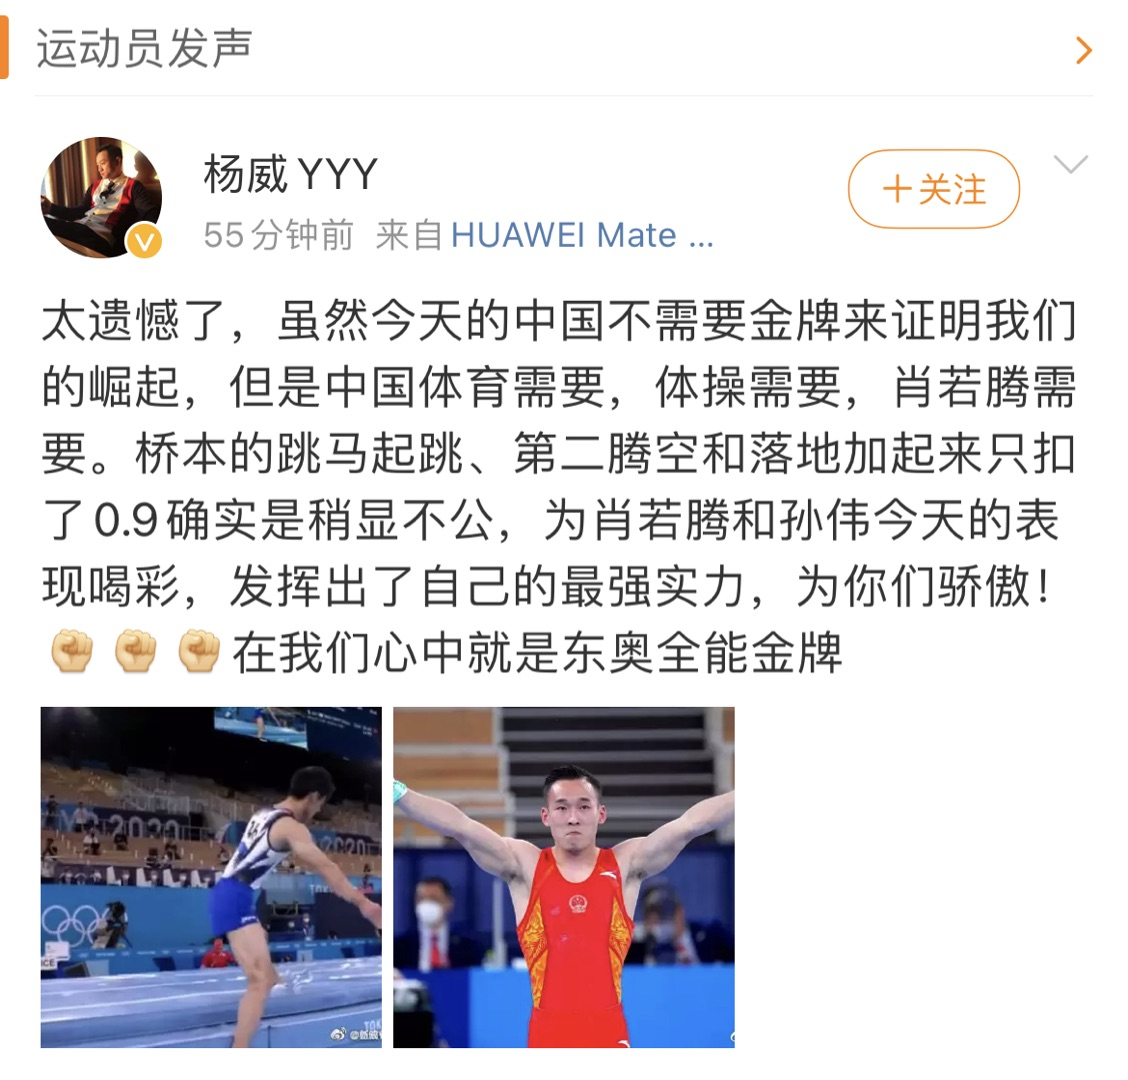 气炸!肖若腾零失误却无缘奥运金牌:李小鹏等前体操名将集体发声!